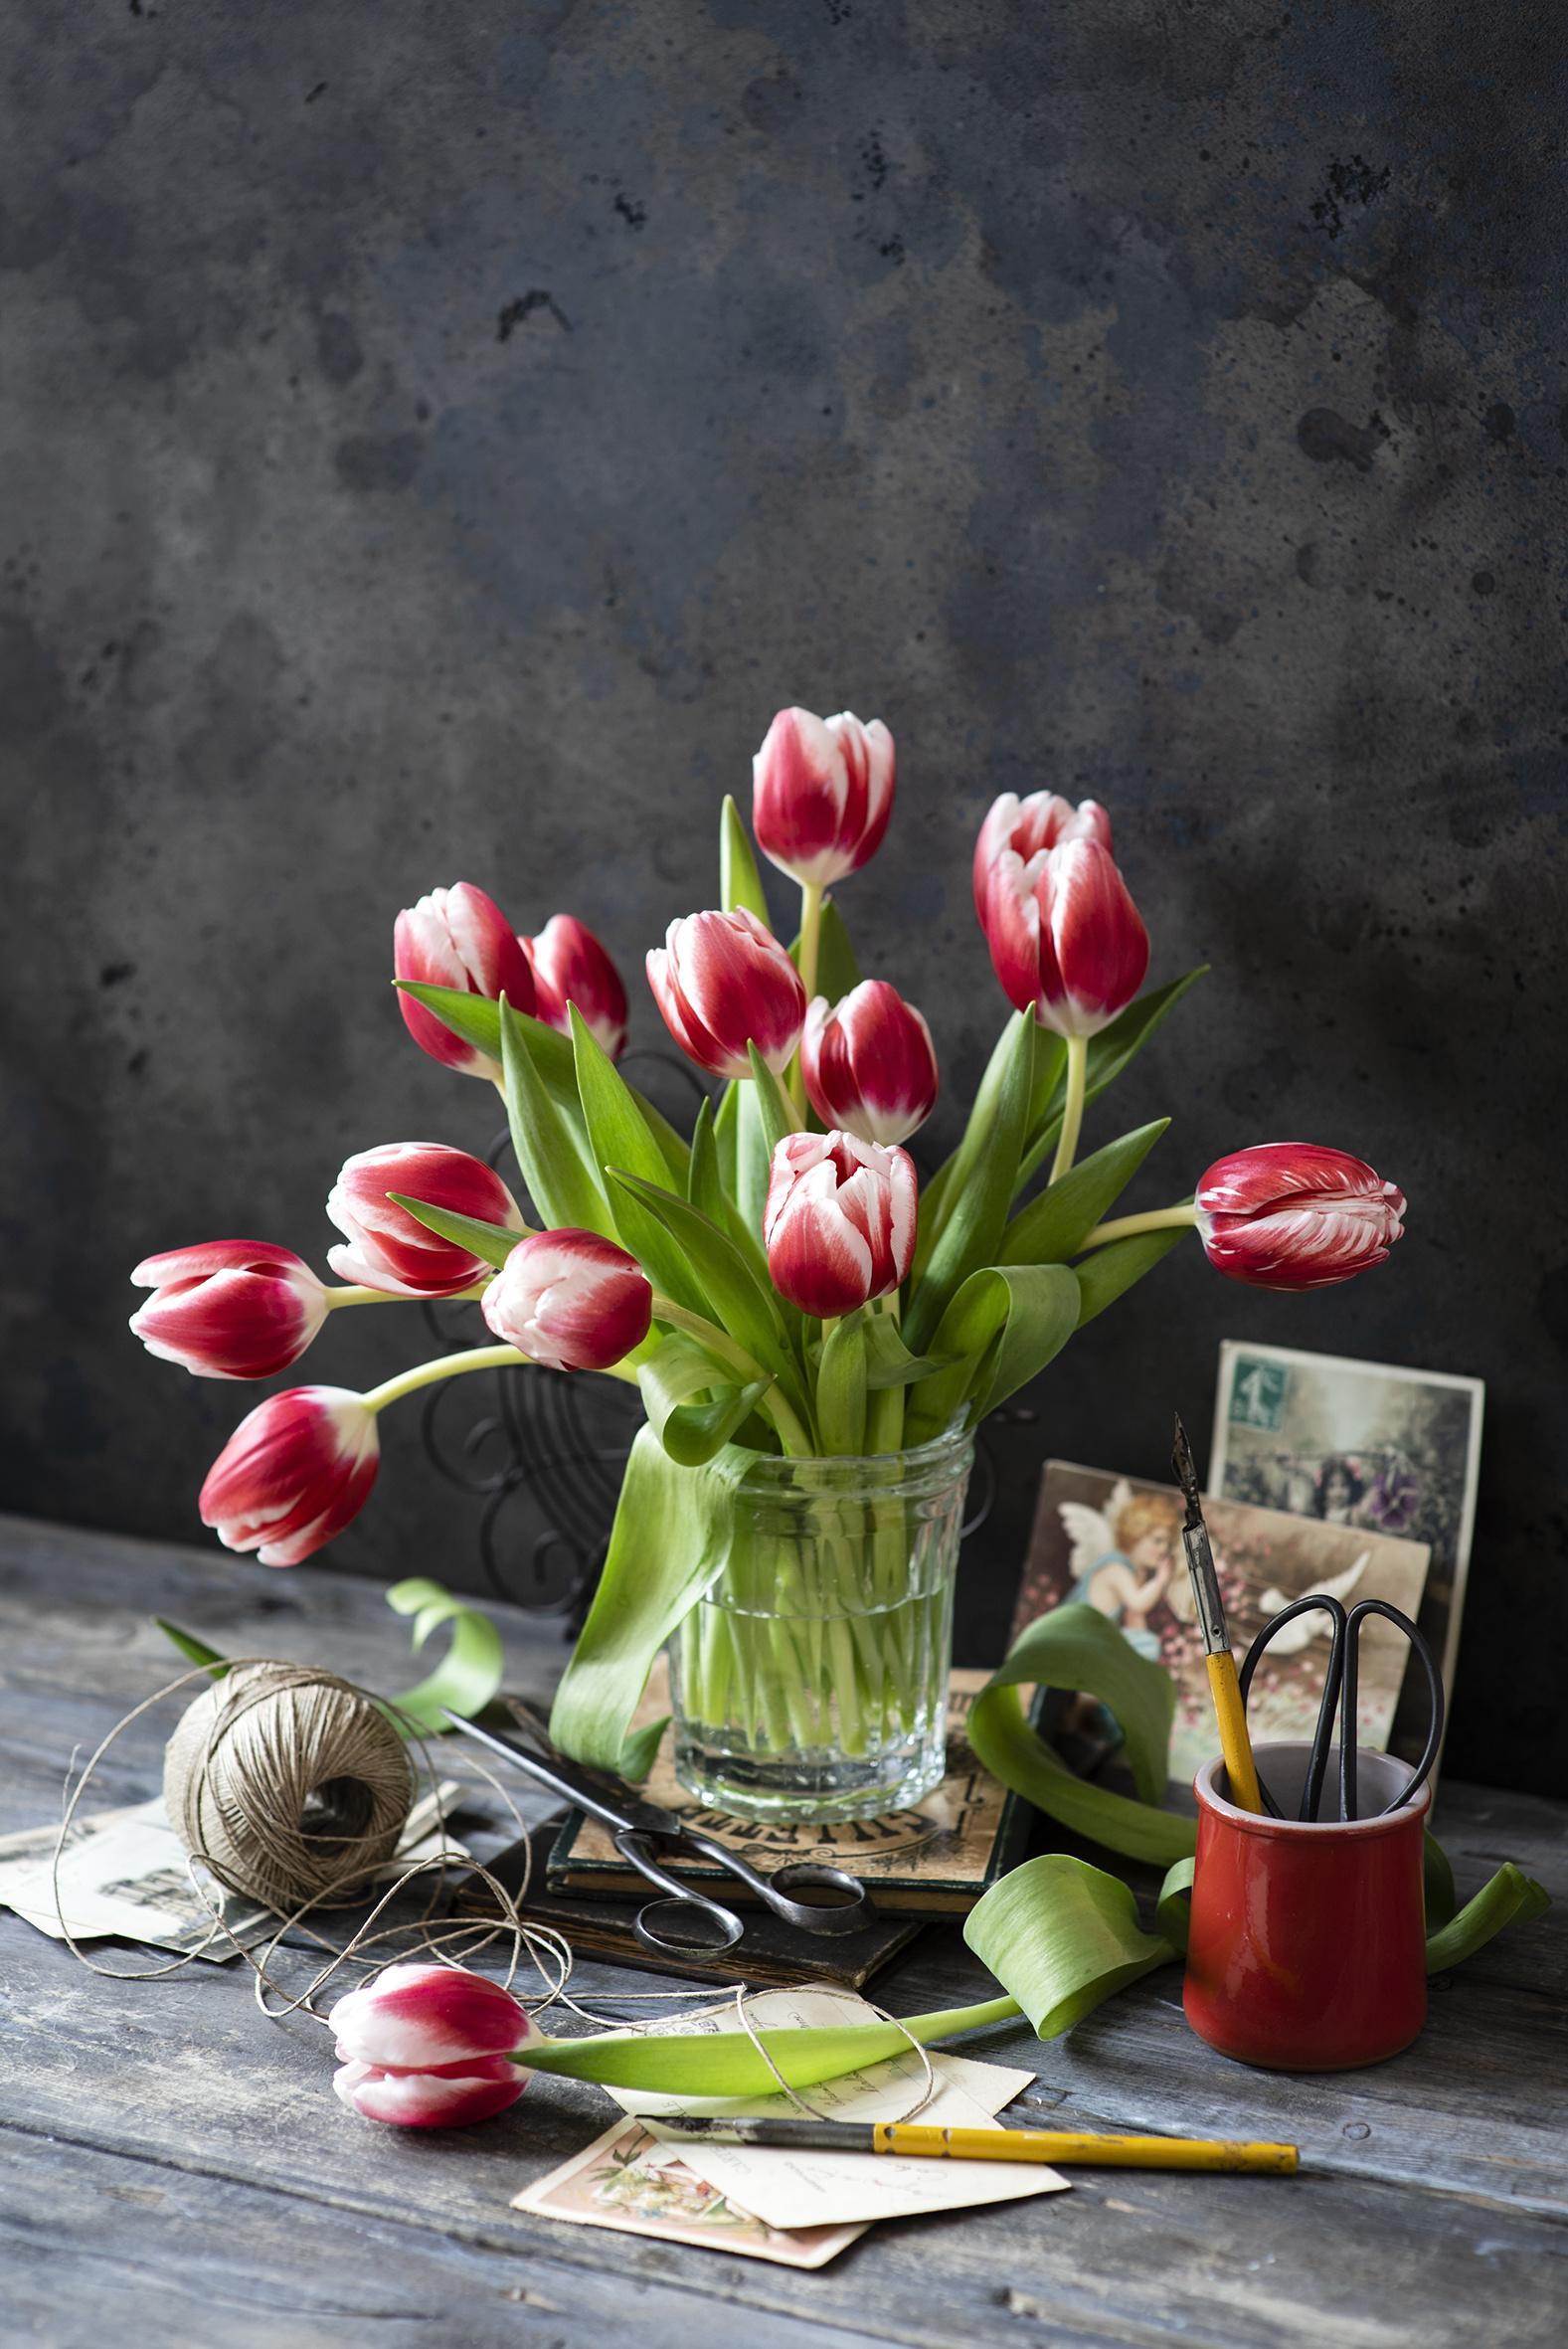 Fotos Tulpen Blüte Vase Stillleben Bretter  für Handy Blumen